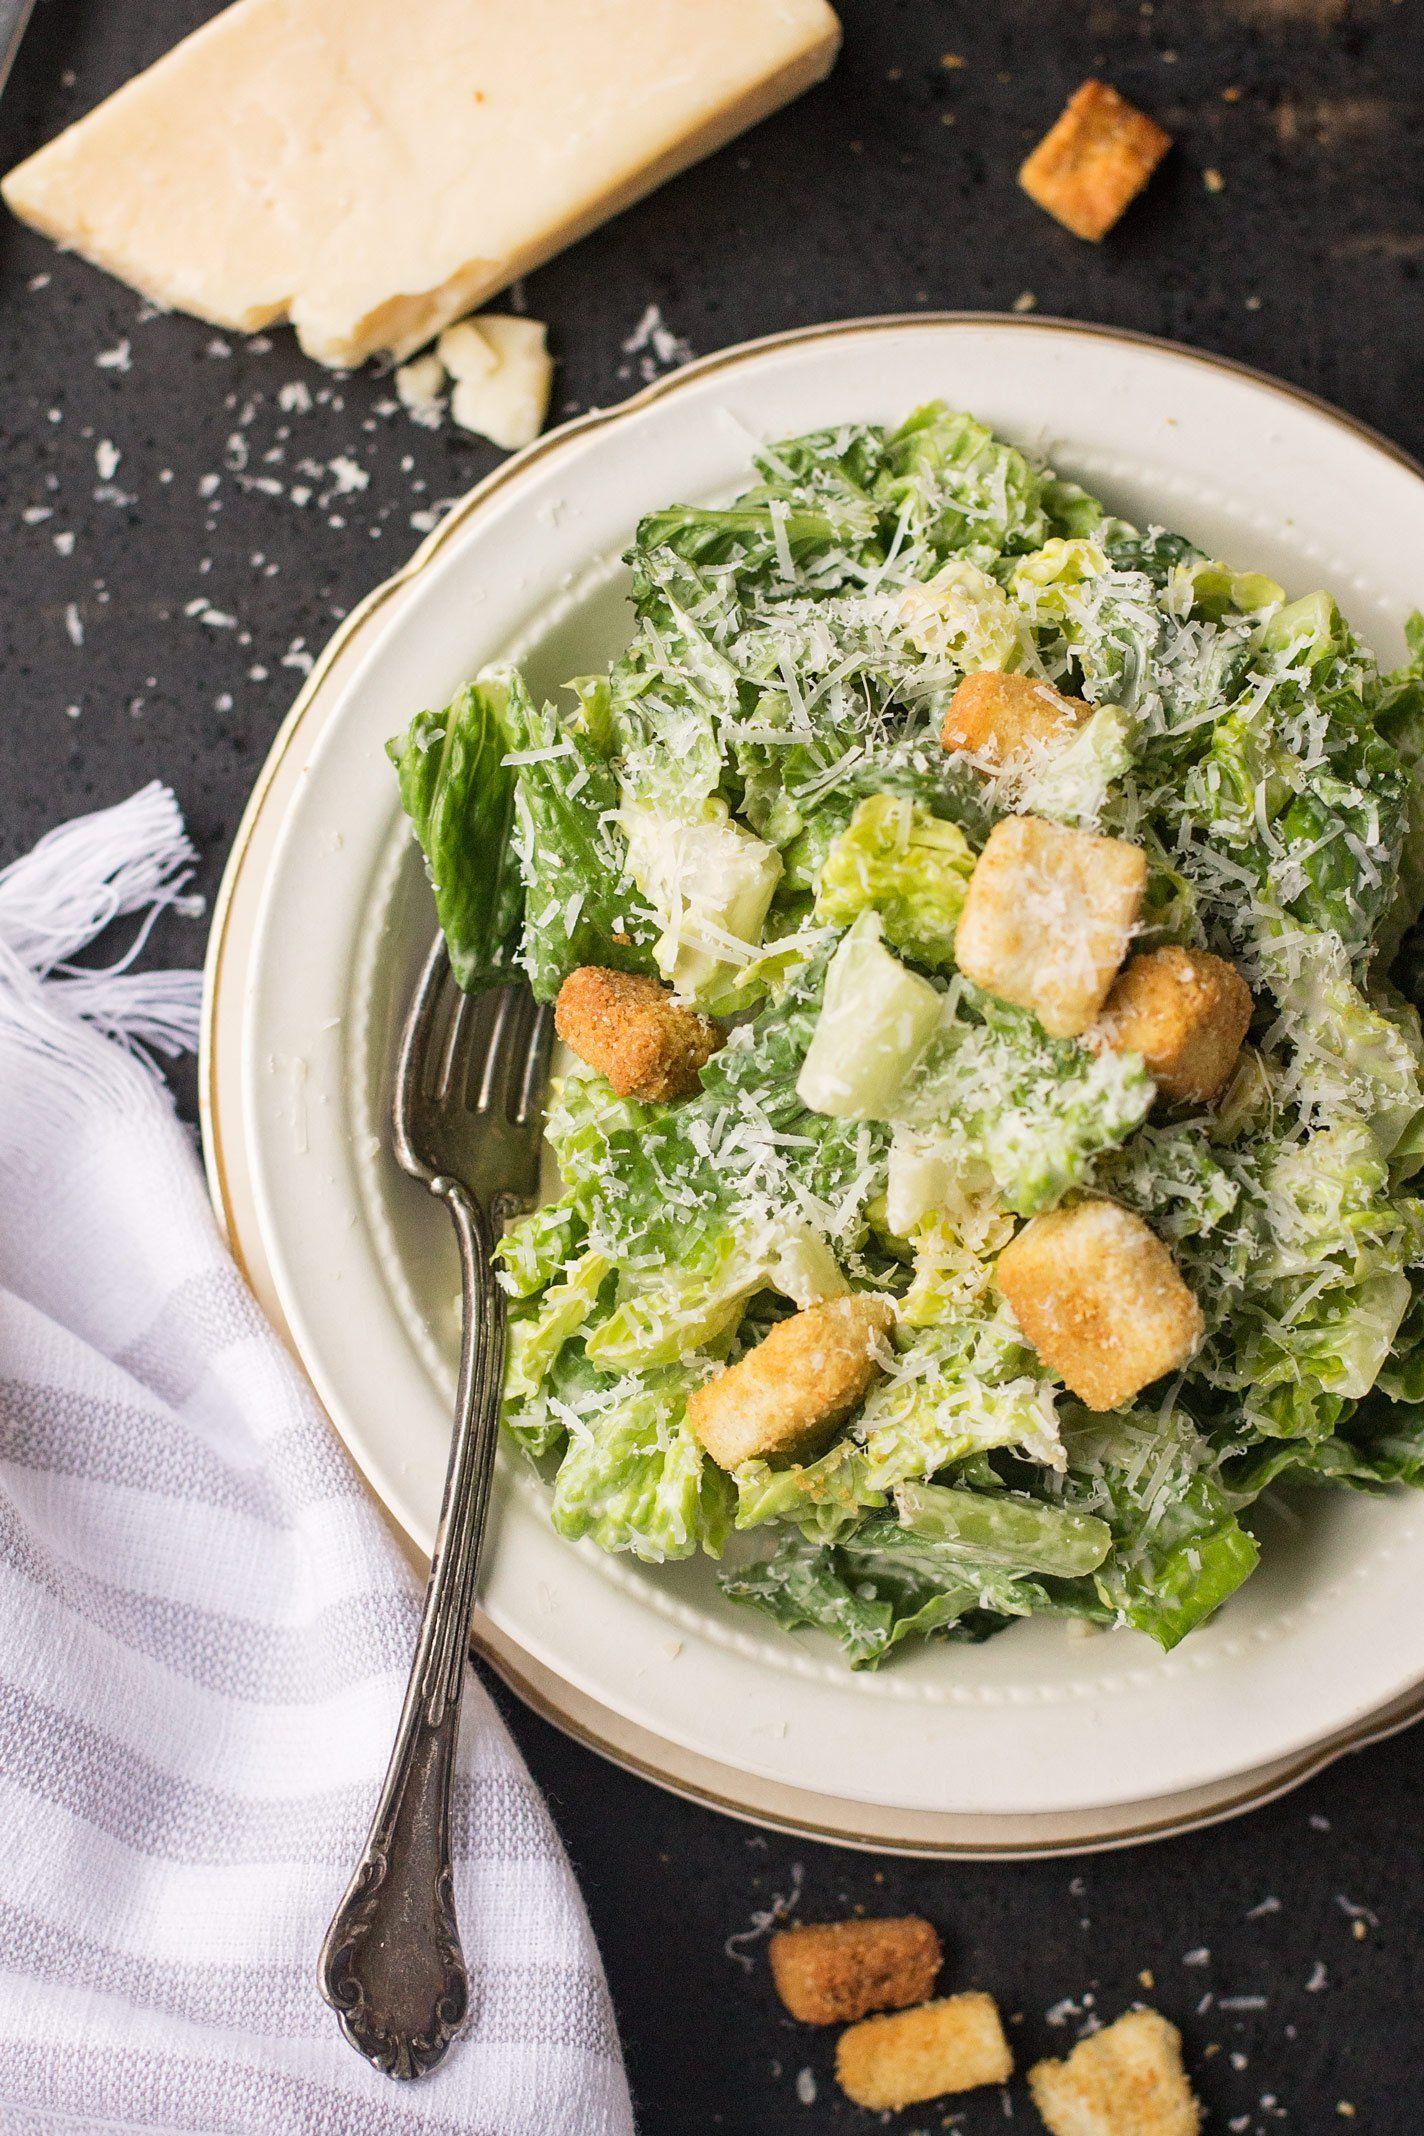 Restaurant Quality Caesar Salad Recipe